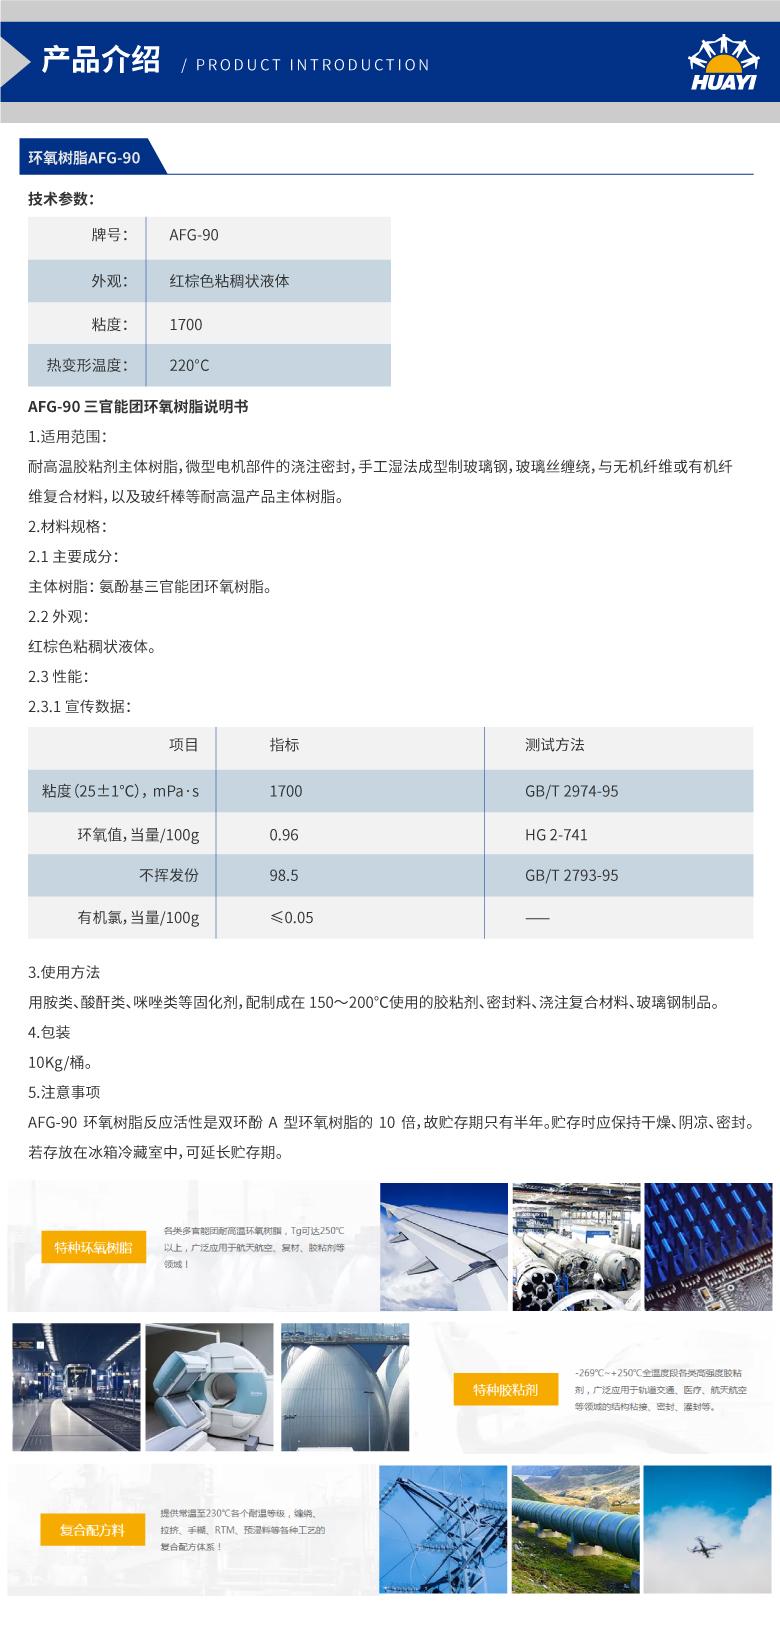 上海华谊树脂_详情页设计(环氧树脂AFG-90).jpg